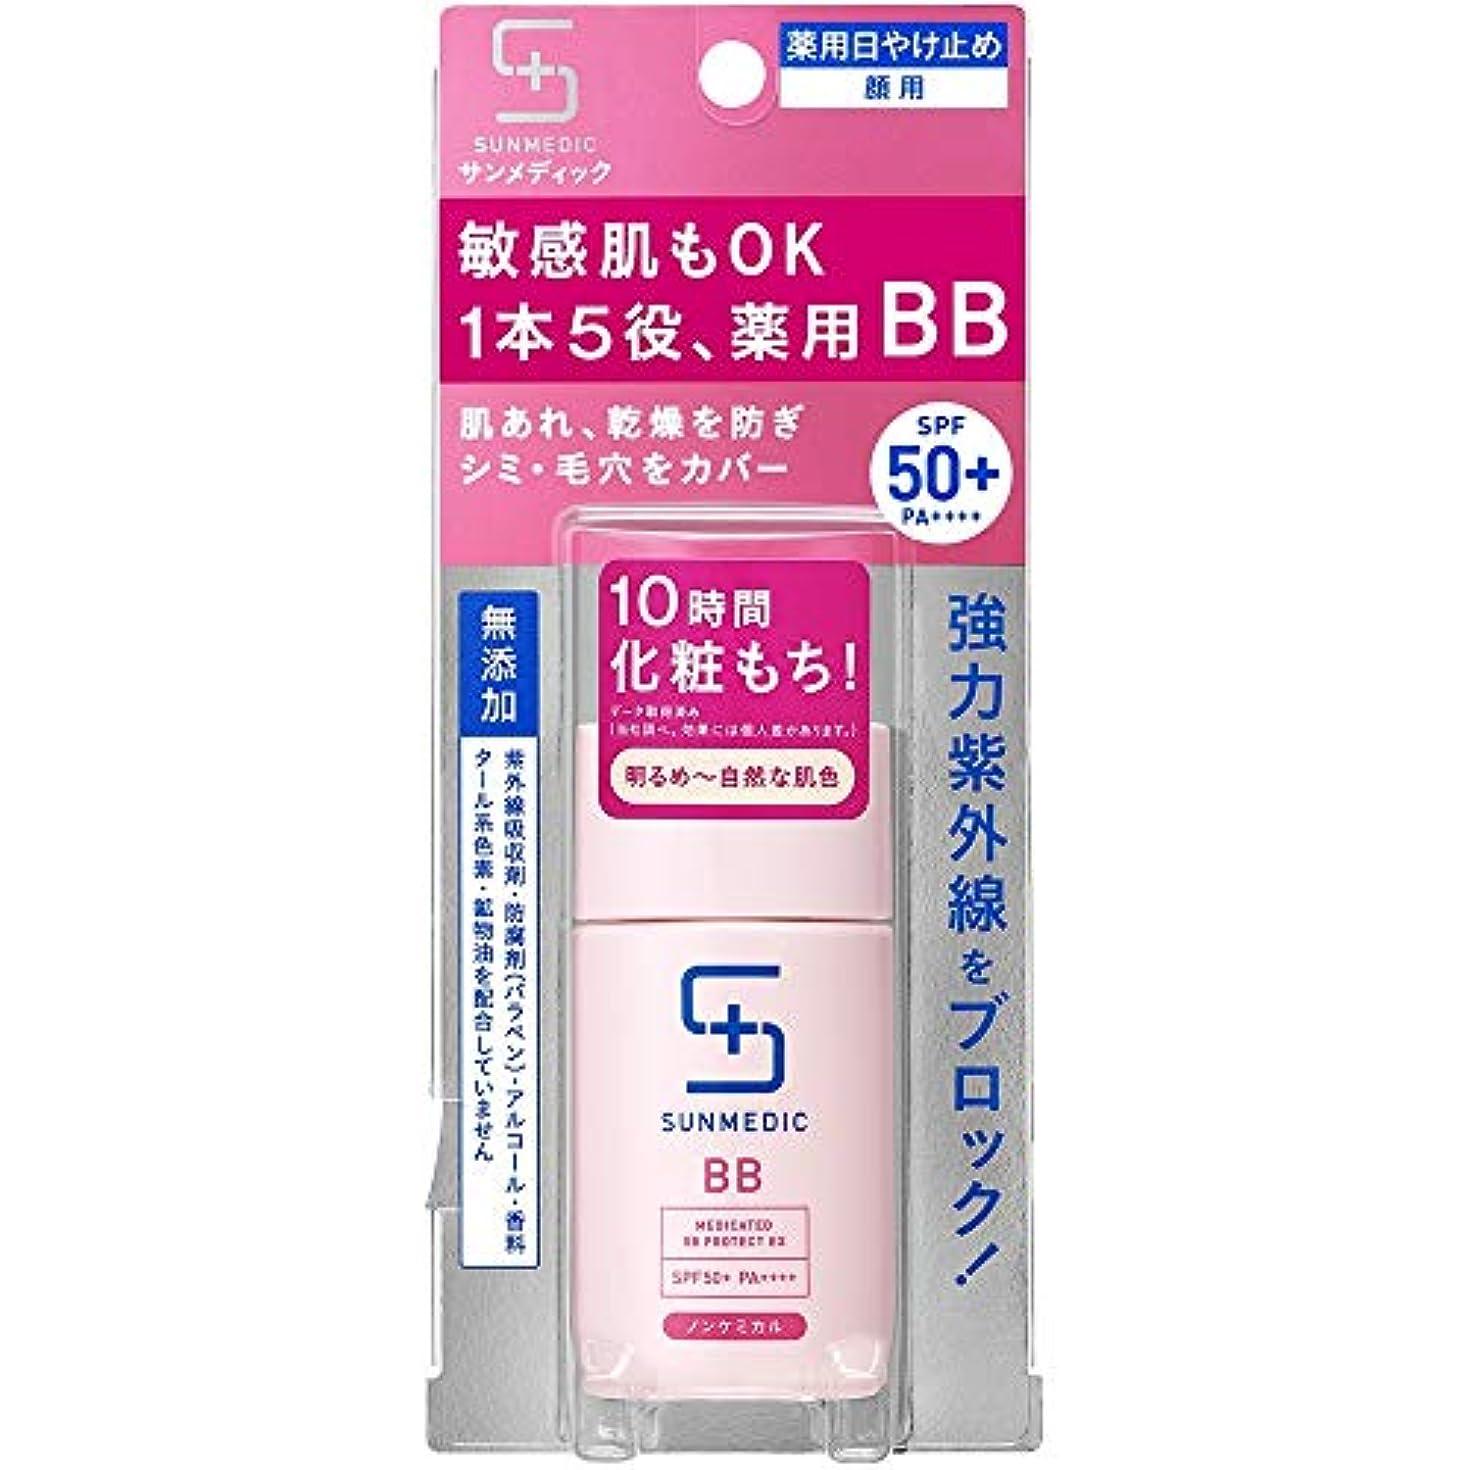 致命的な病気だと思う手のひらサンメディックUV 薬用BBプロテクトEX ライト 30ml (医薬部外品)